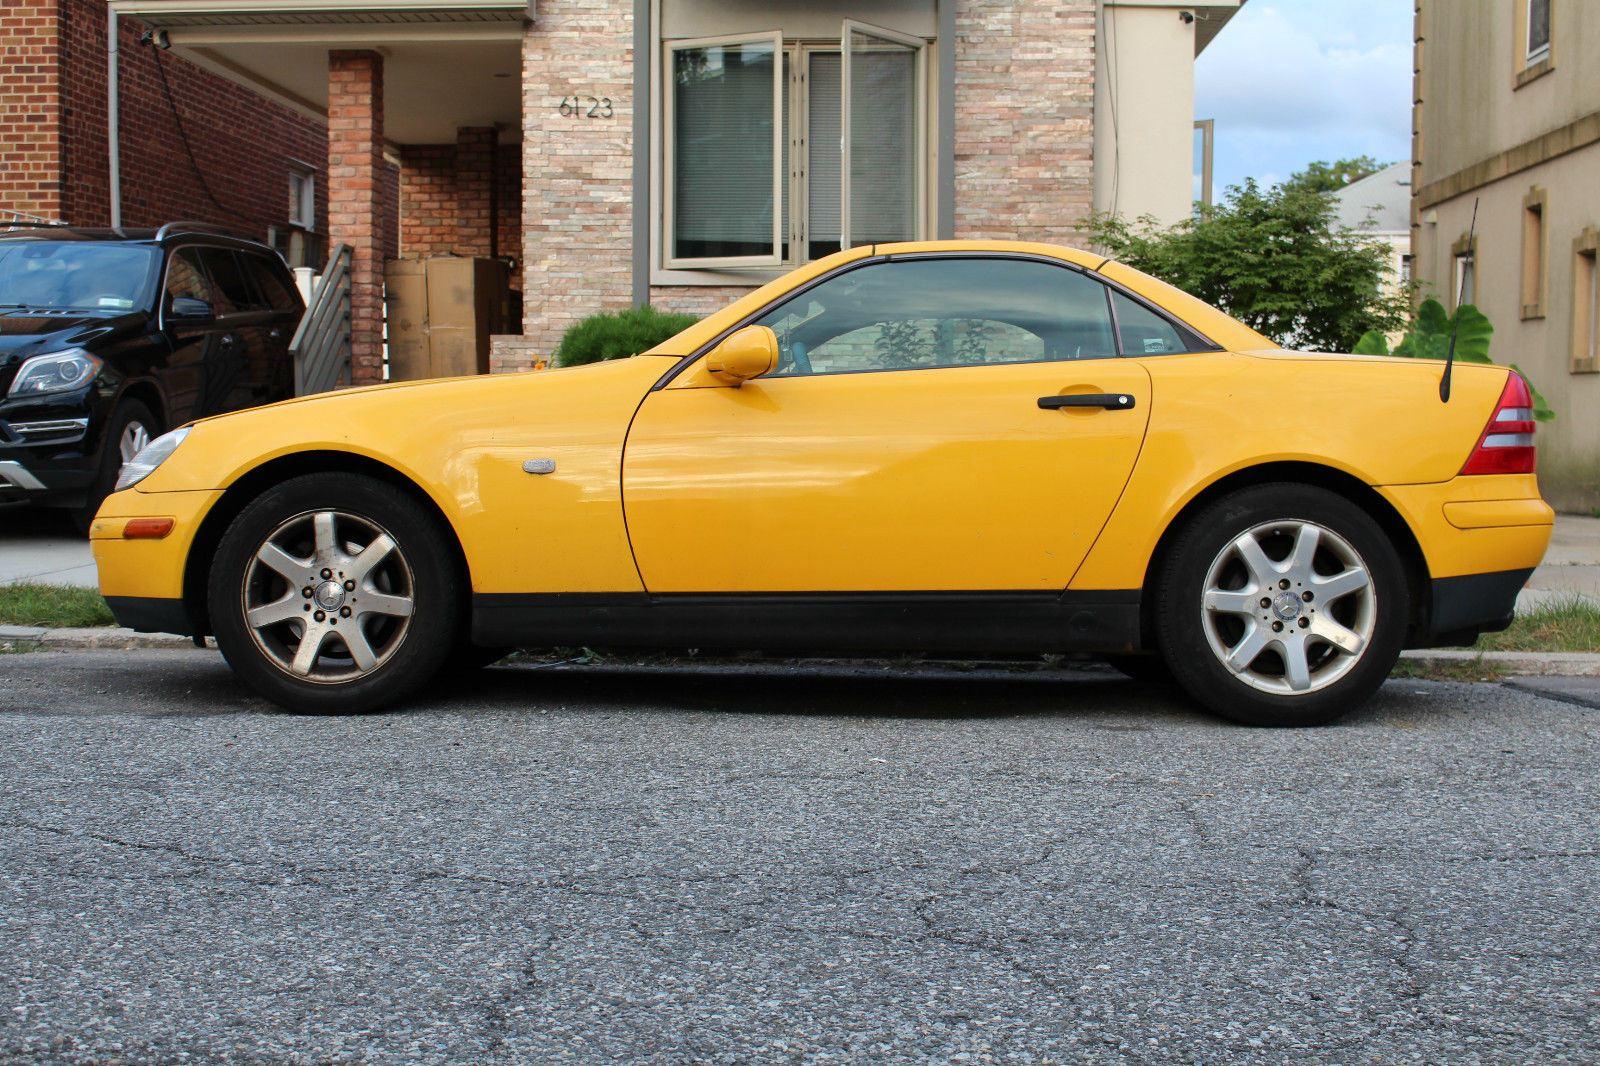 1998 mercedes benz slk230 hard top for sale for Mercedes benz for sale in md